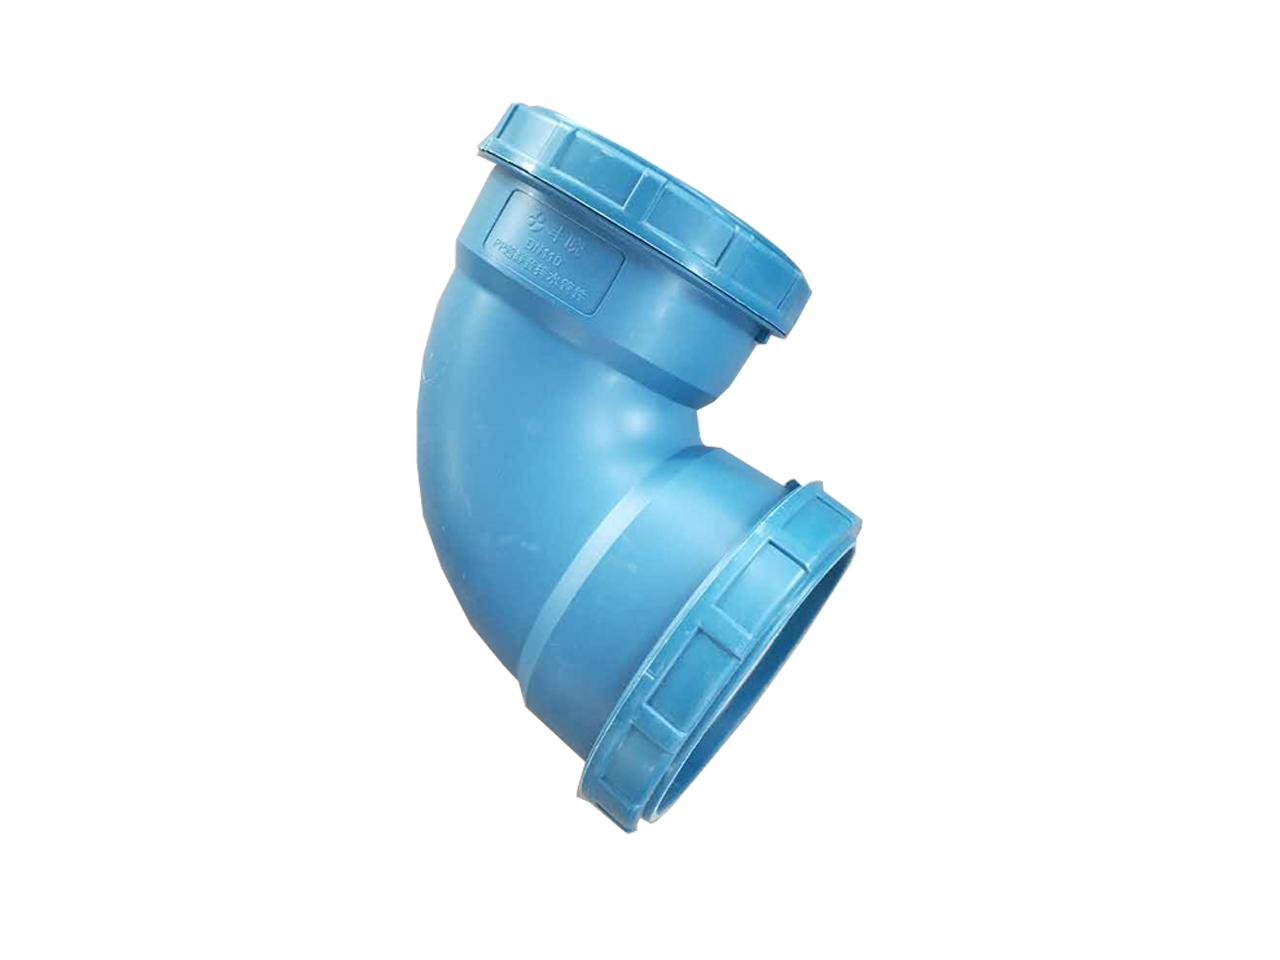 怎么挑选好的3s聚丙烯静音排水管|山东3s聚丙烯静音排水管厂家